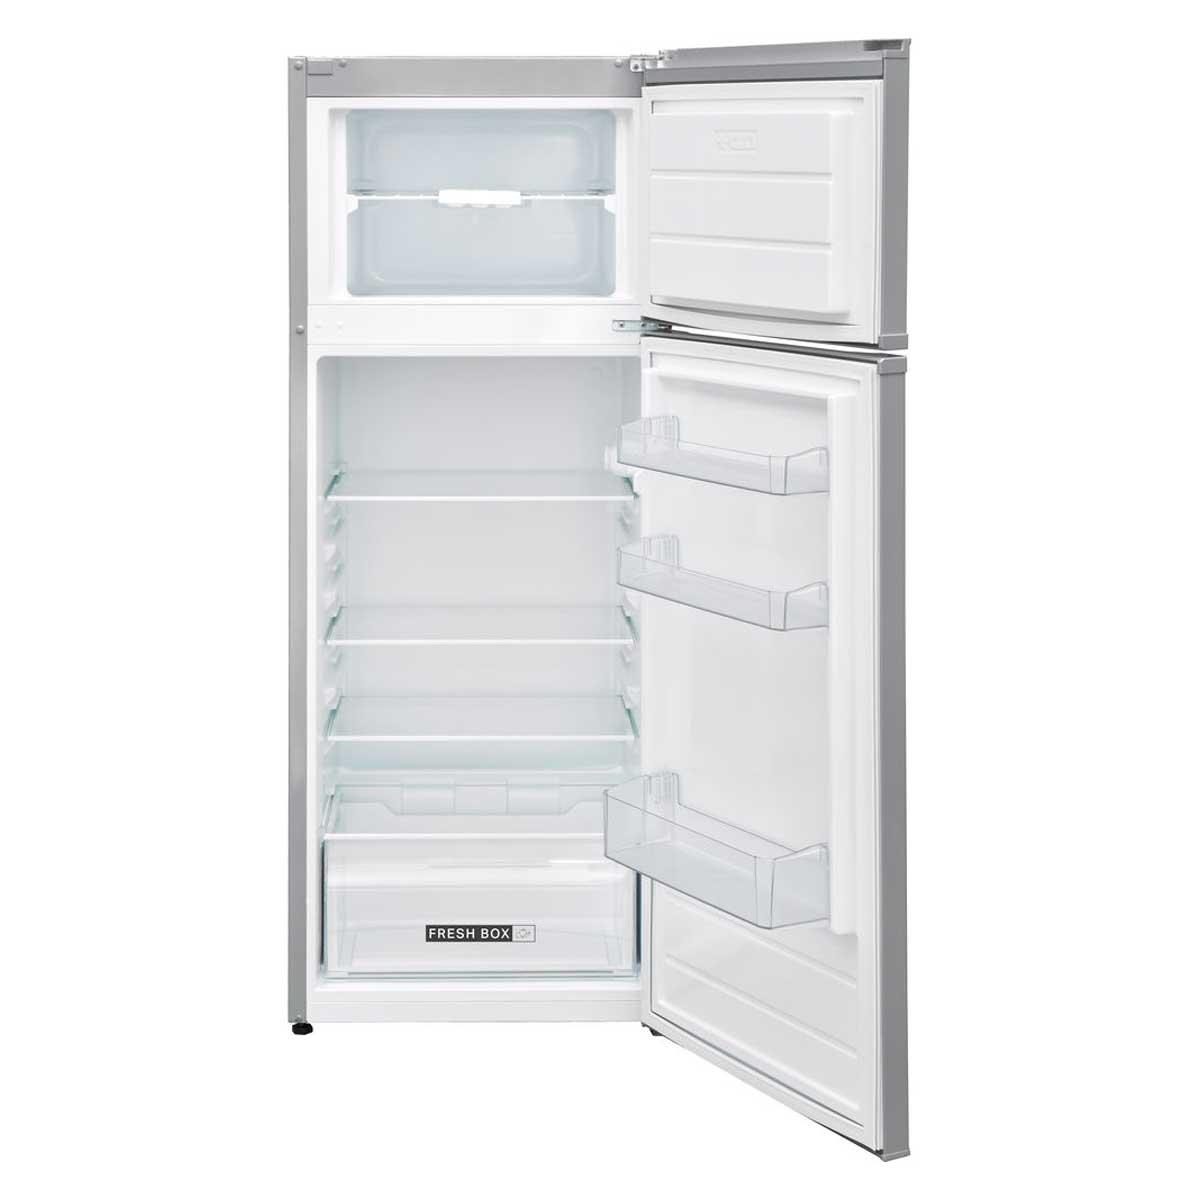 Frigo Smeg Anni 50 Piccolo migliori frigoriferi doppia porta del2020